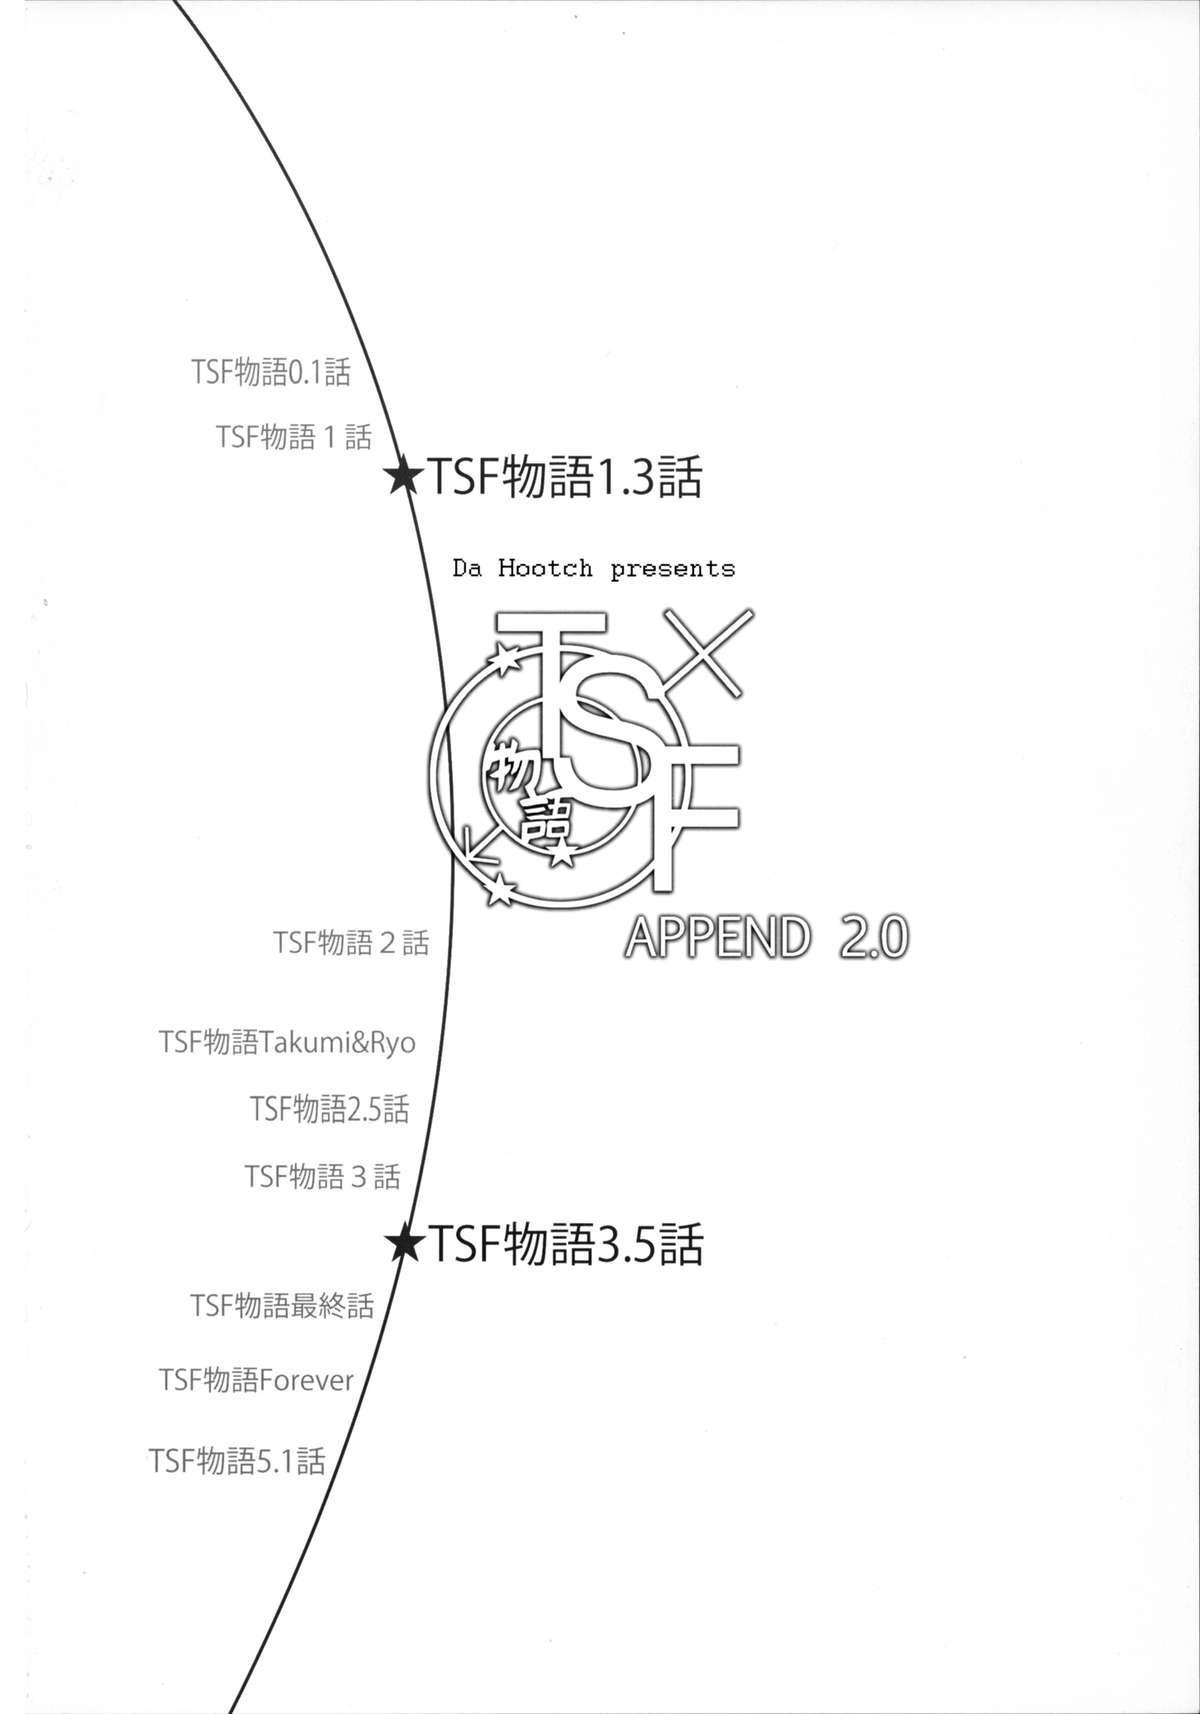 TSF Monogatari Append 2.0 1